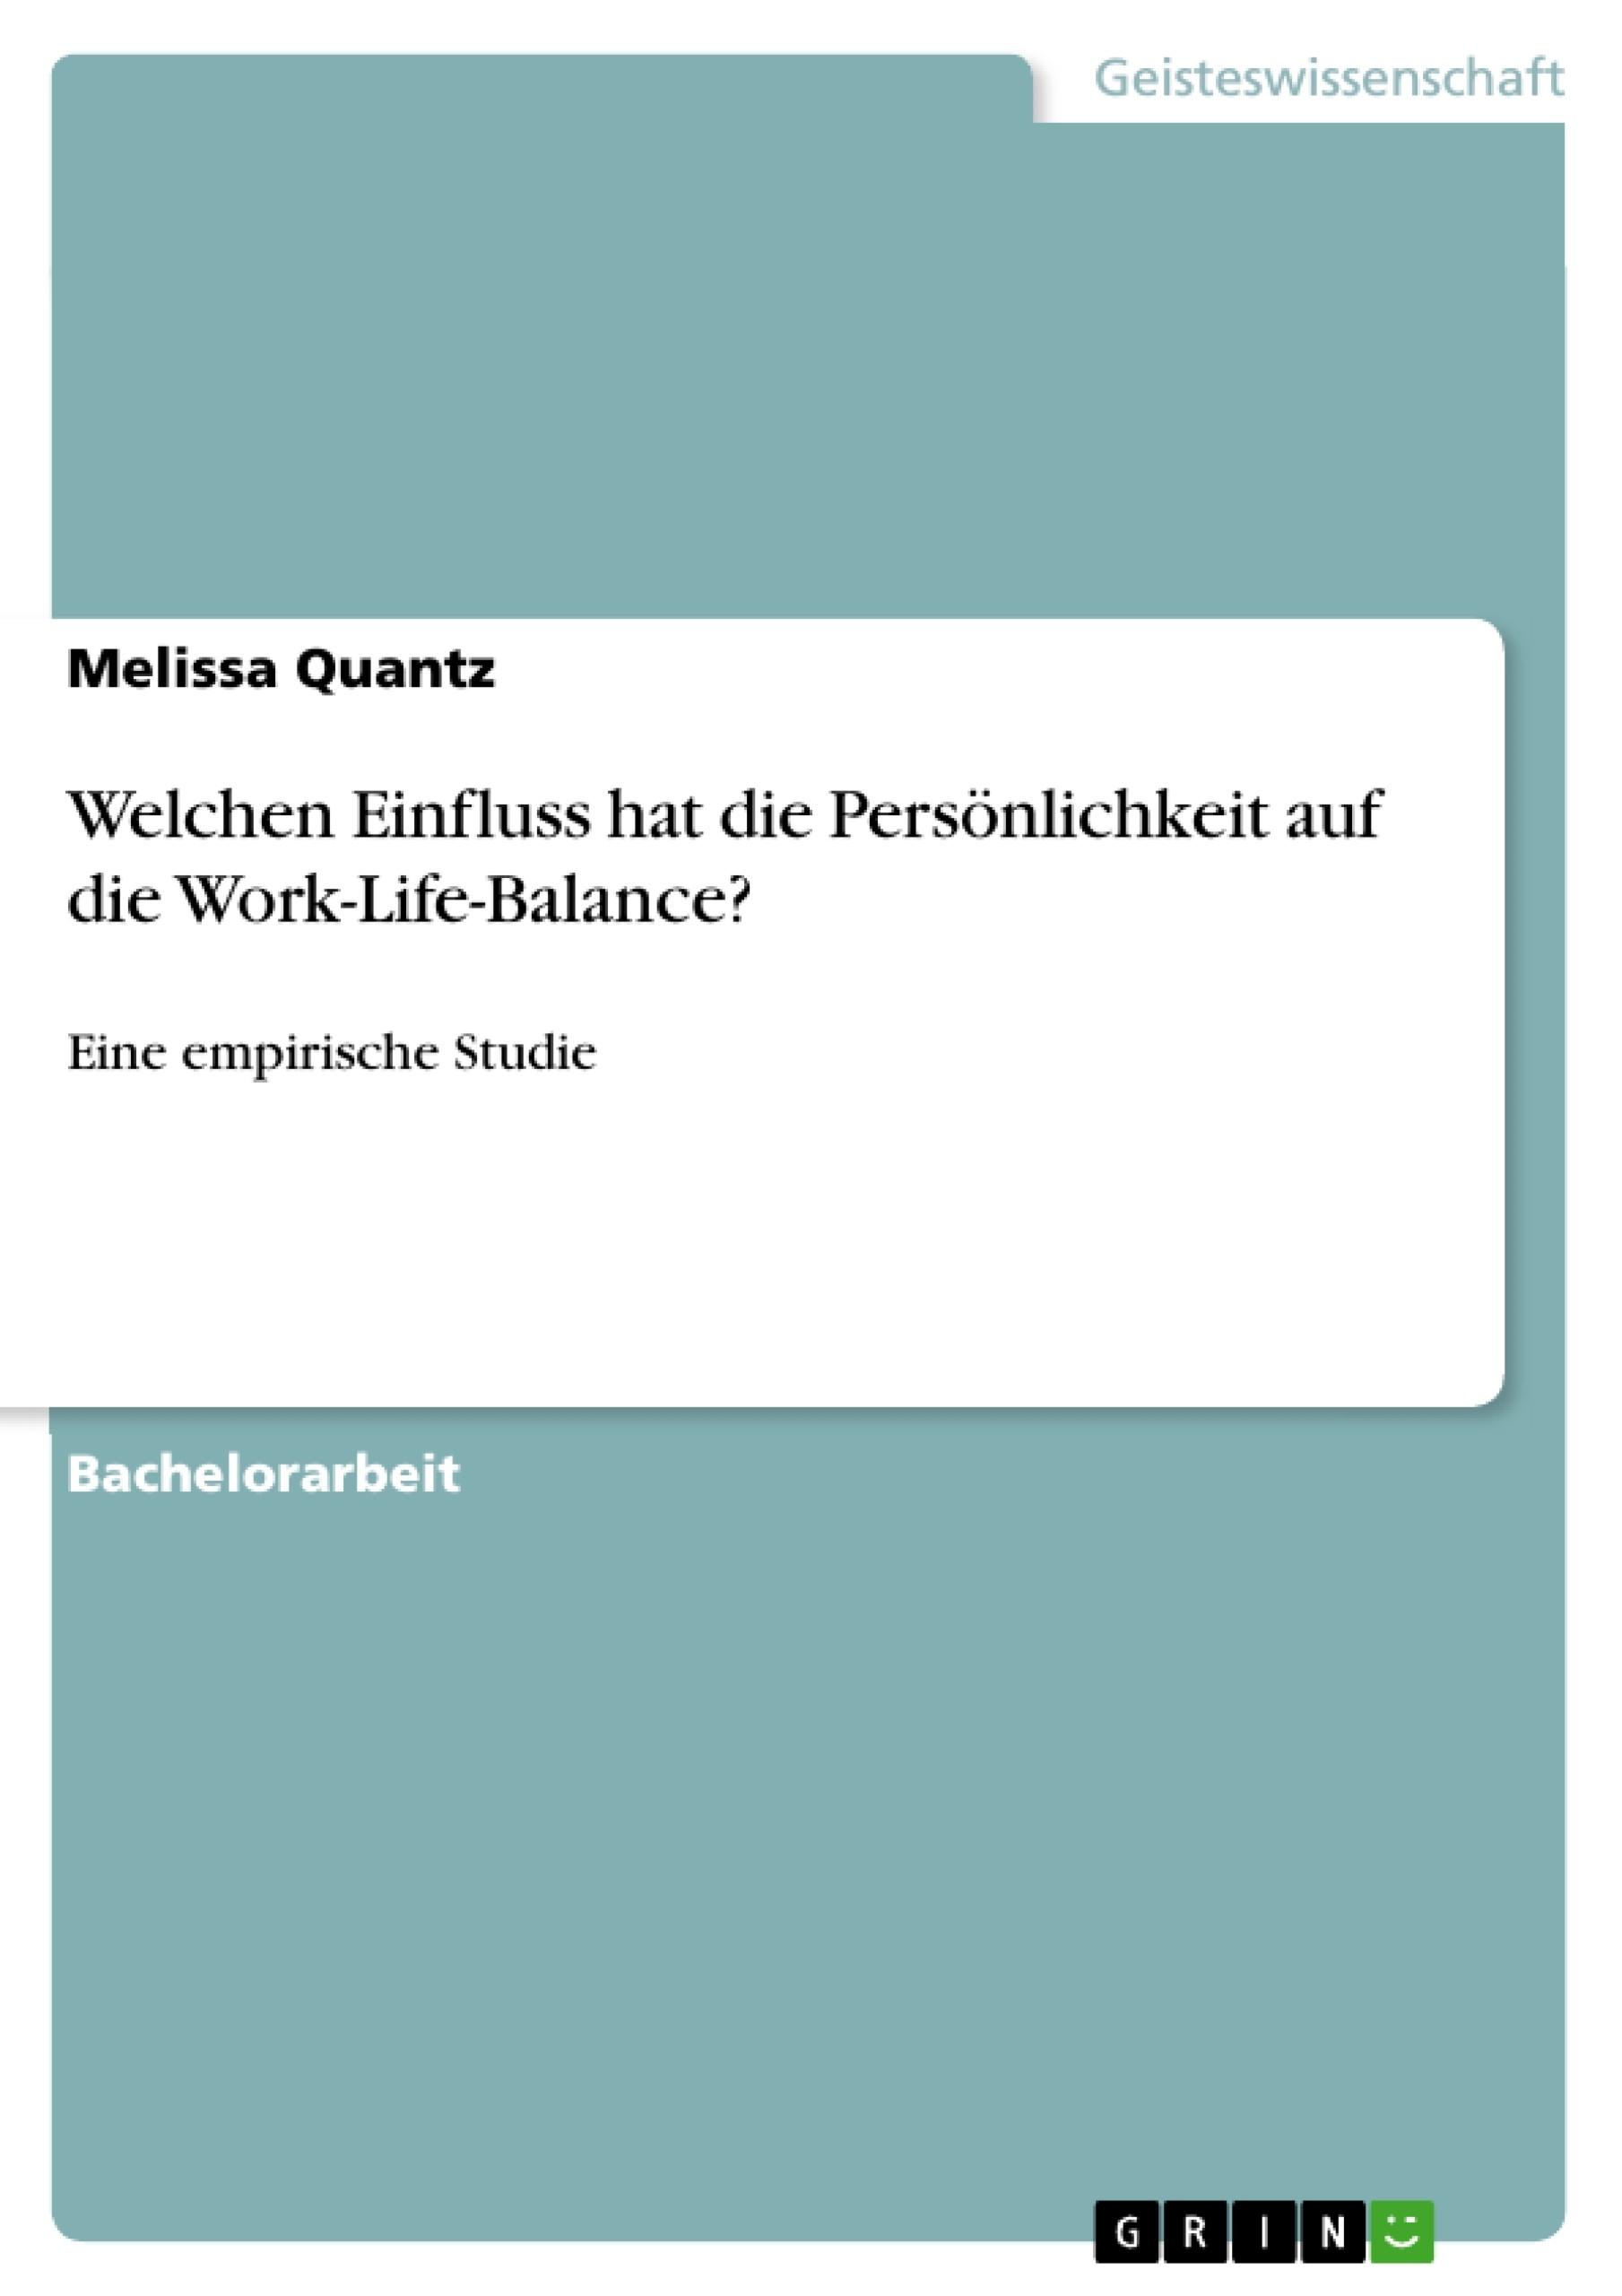 Titel: Welchen Einfluss hat die Persönlichkeit auf die Work-Life-Balance?